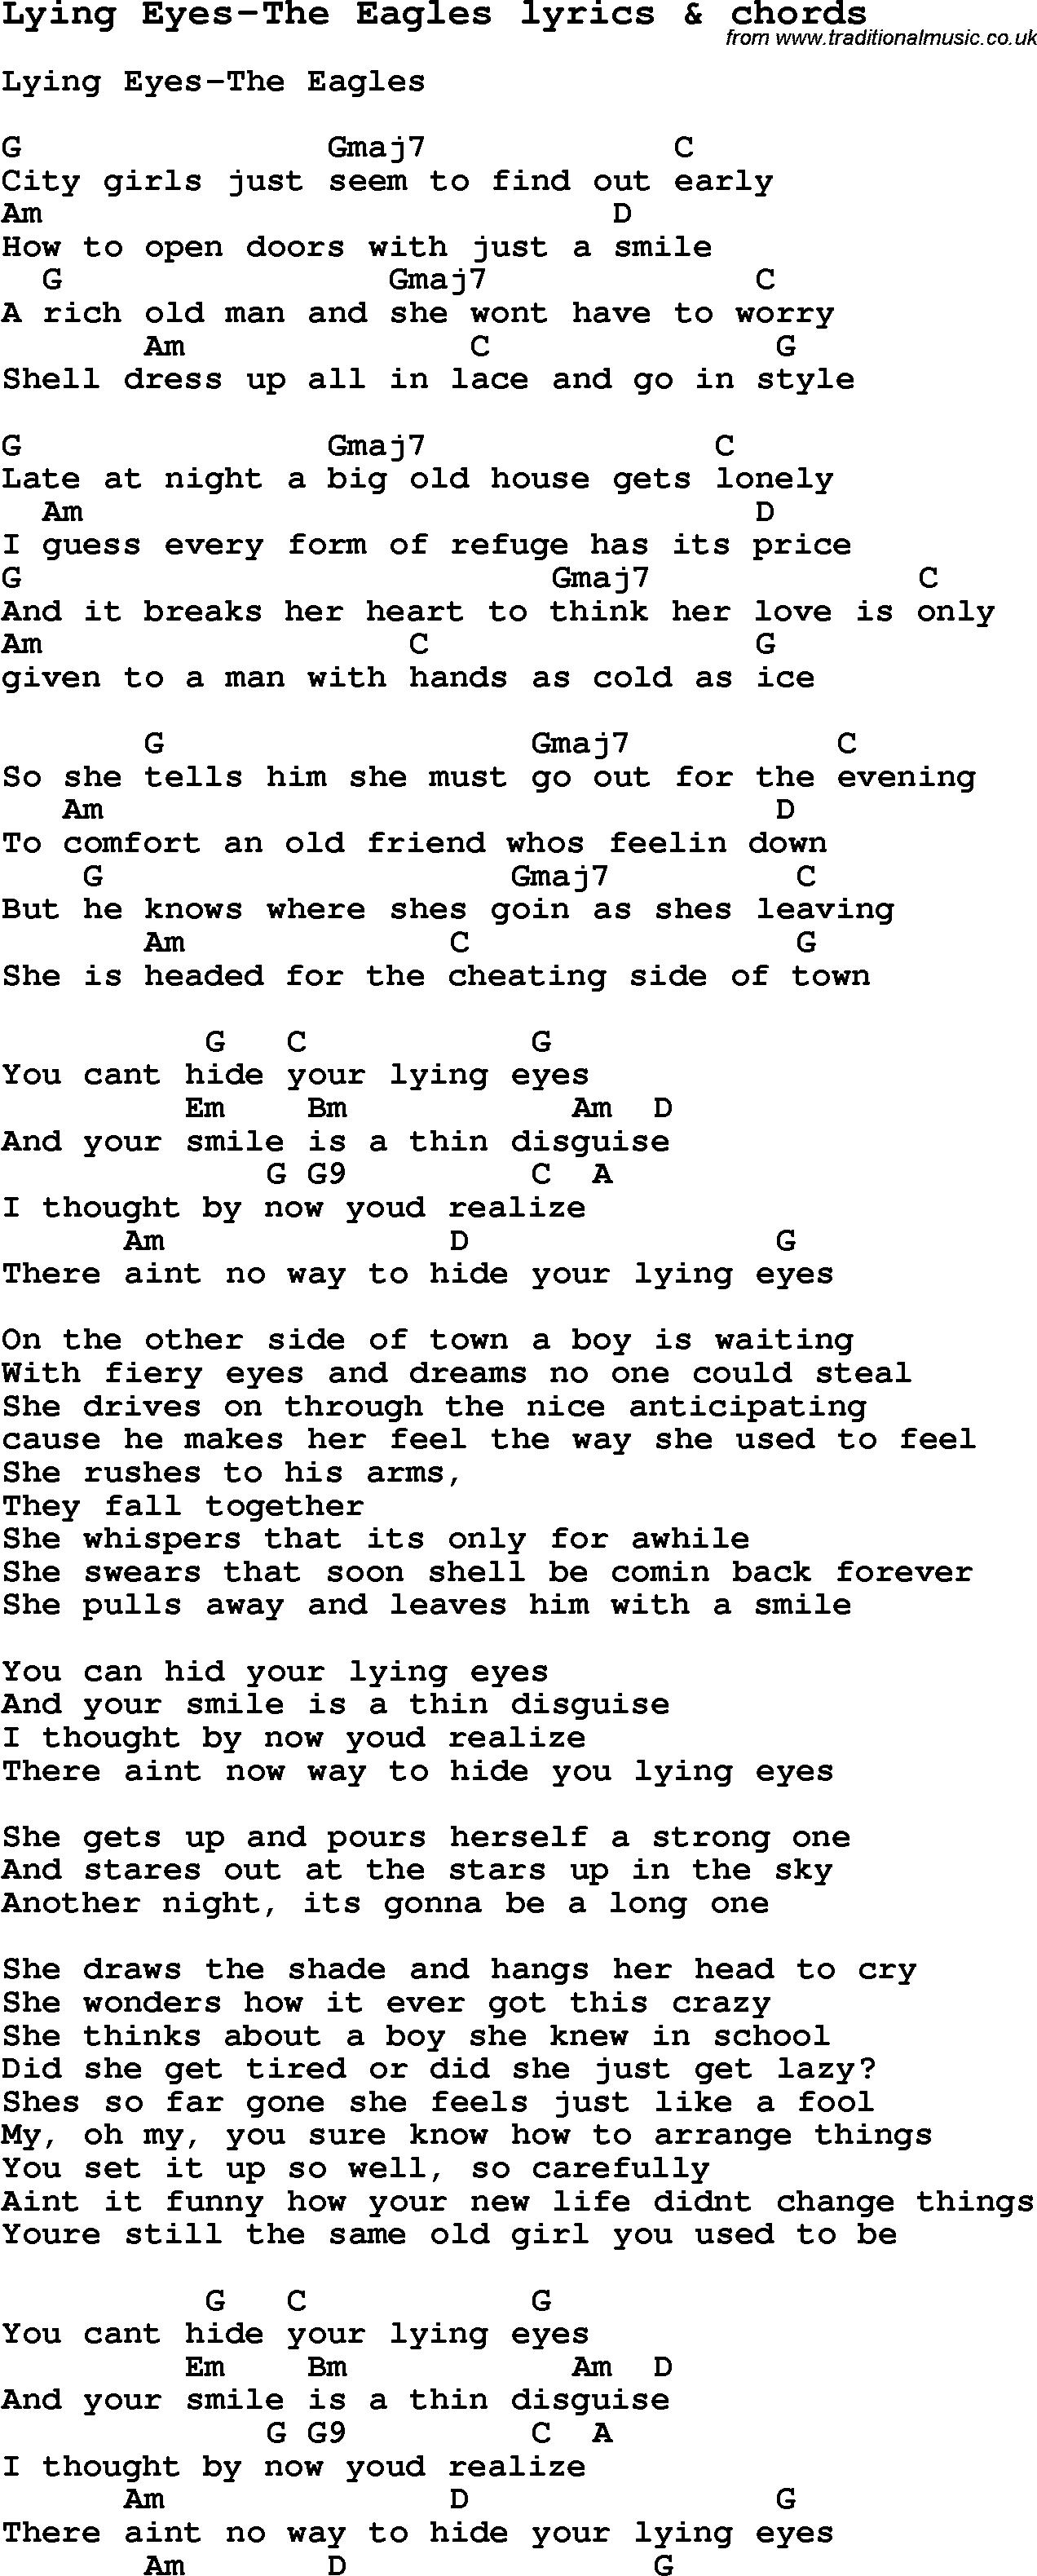 Love Song Lyrics For Lying Eyes The Eagles With Chords For Ukulele Guitar Banjo Etc Lyrics And Chords Easy Guitar Songs Guitar Chords For Songs